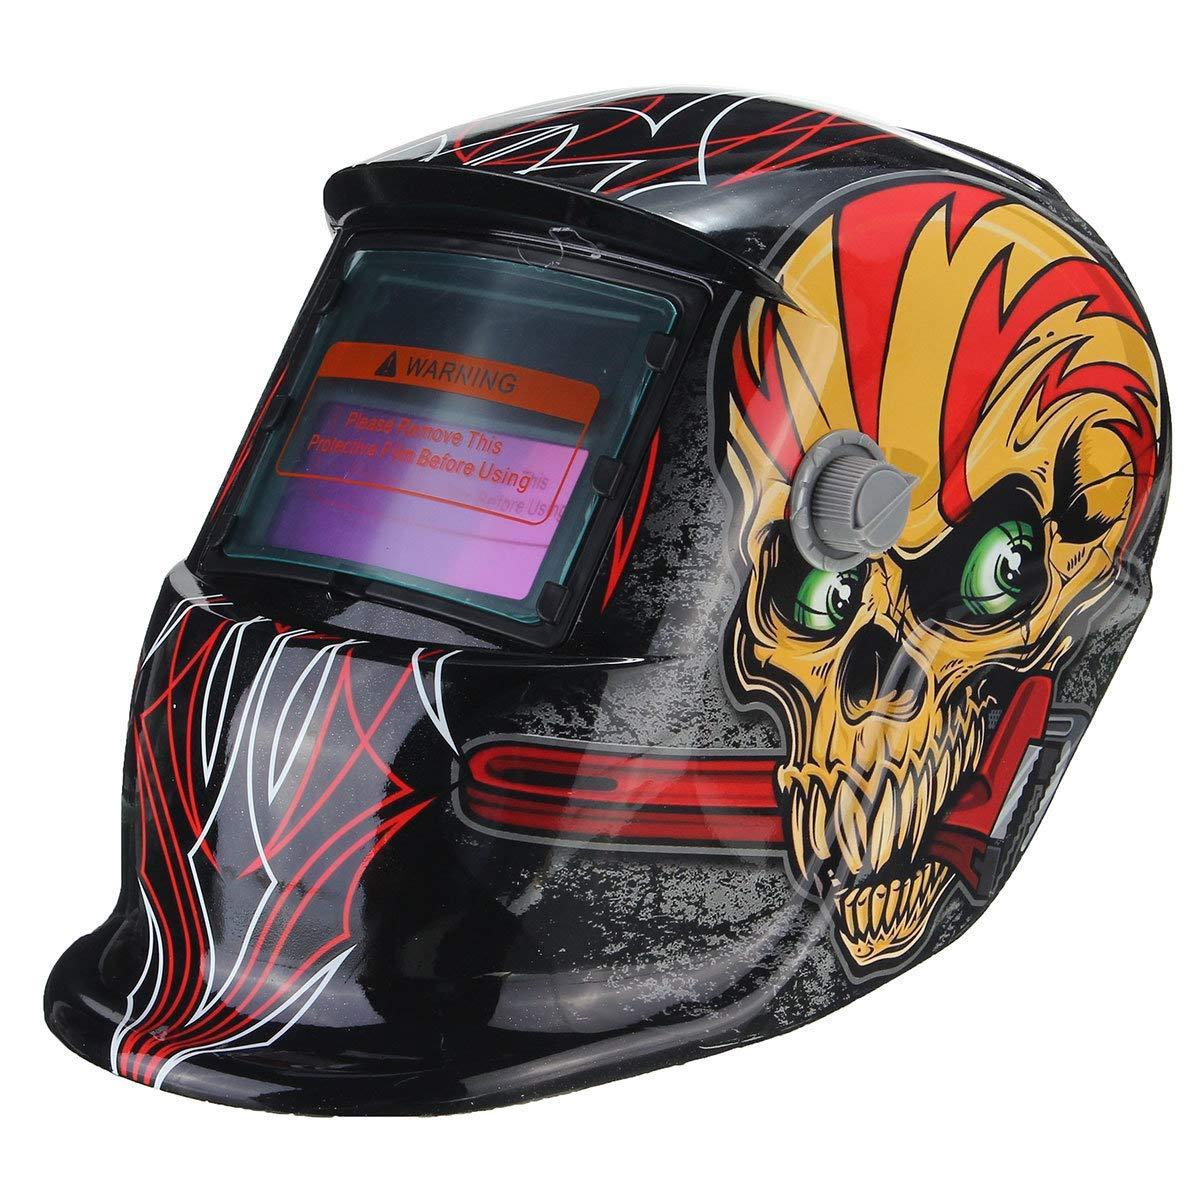 Red Skull Solar Auto Darkening Welding Helmet Welder Lens Mask - Electrical Welding Tools Helmet Mask & Goggles - 1 x Red Skull Solar Auto Darkening Welding Helmet